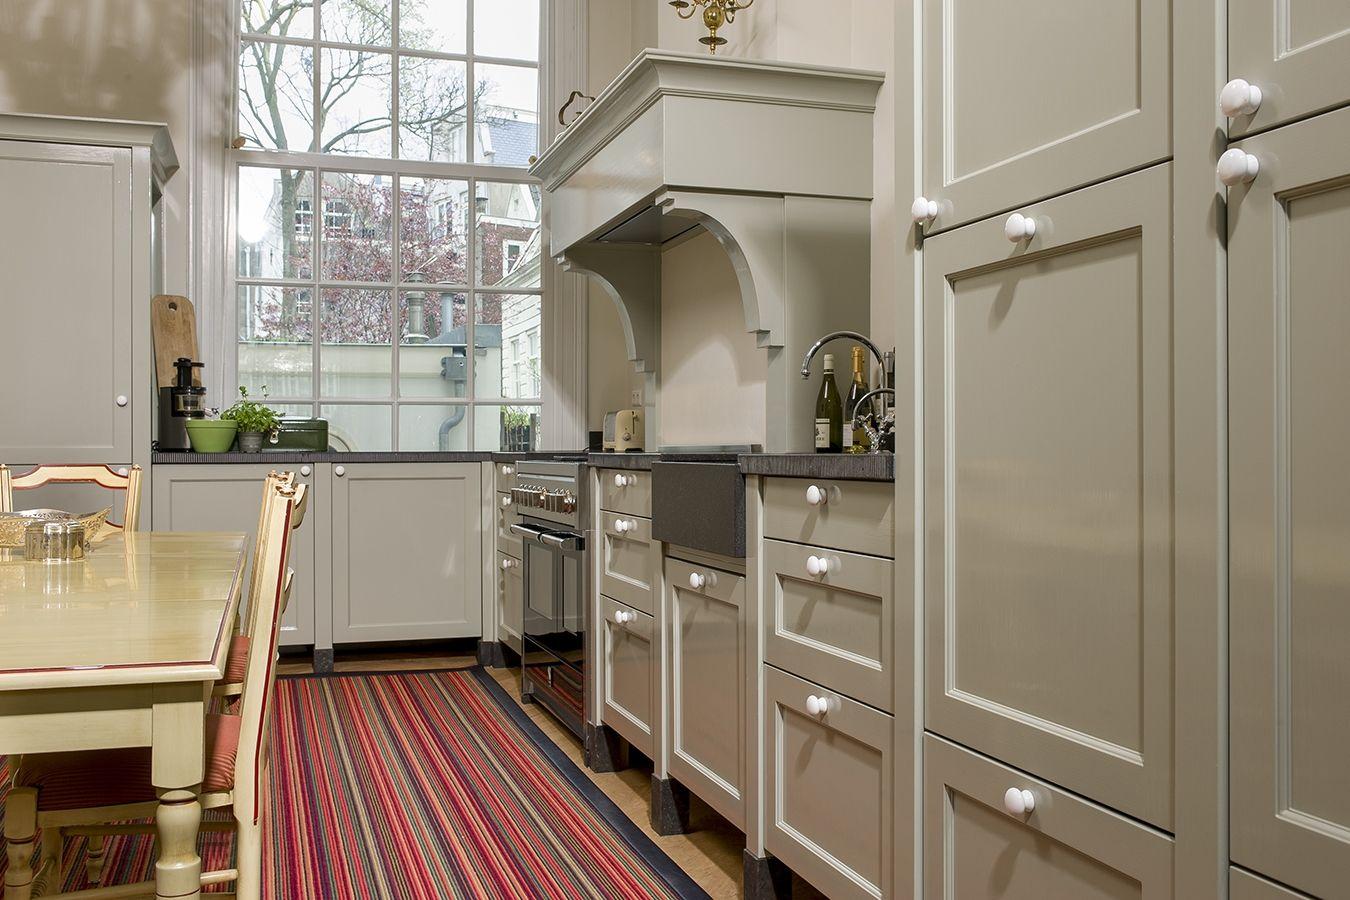 Apothekerskast Keuken Los : Interieur apothekerskast keuken siematic exclusieve keukens en